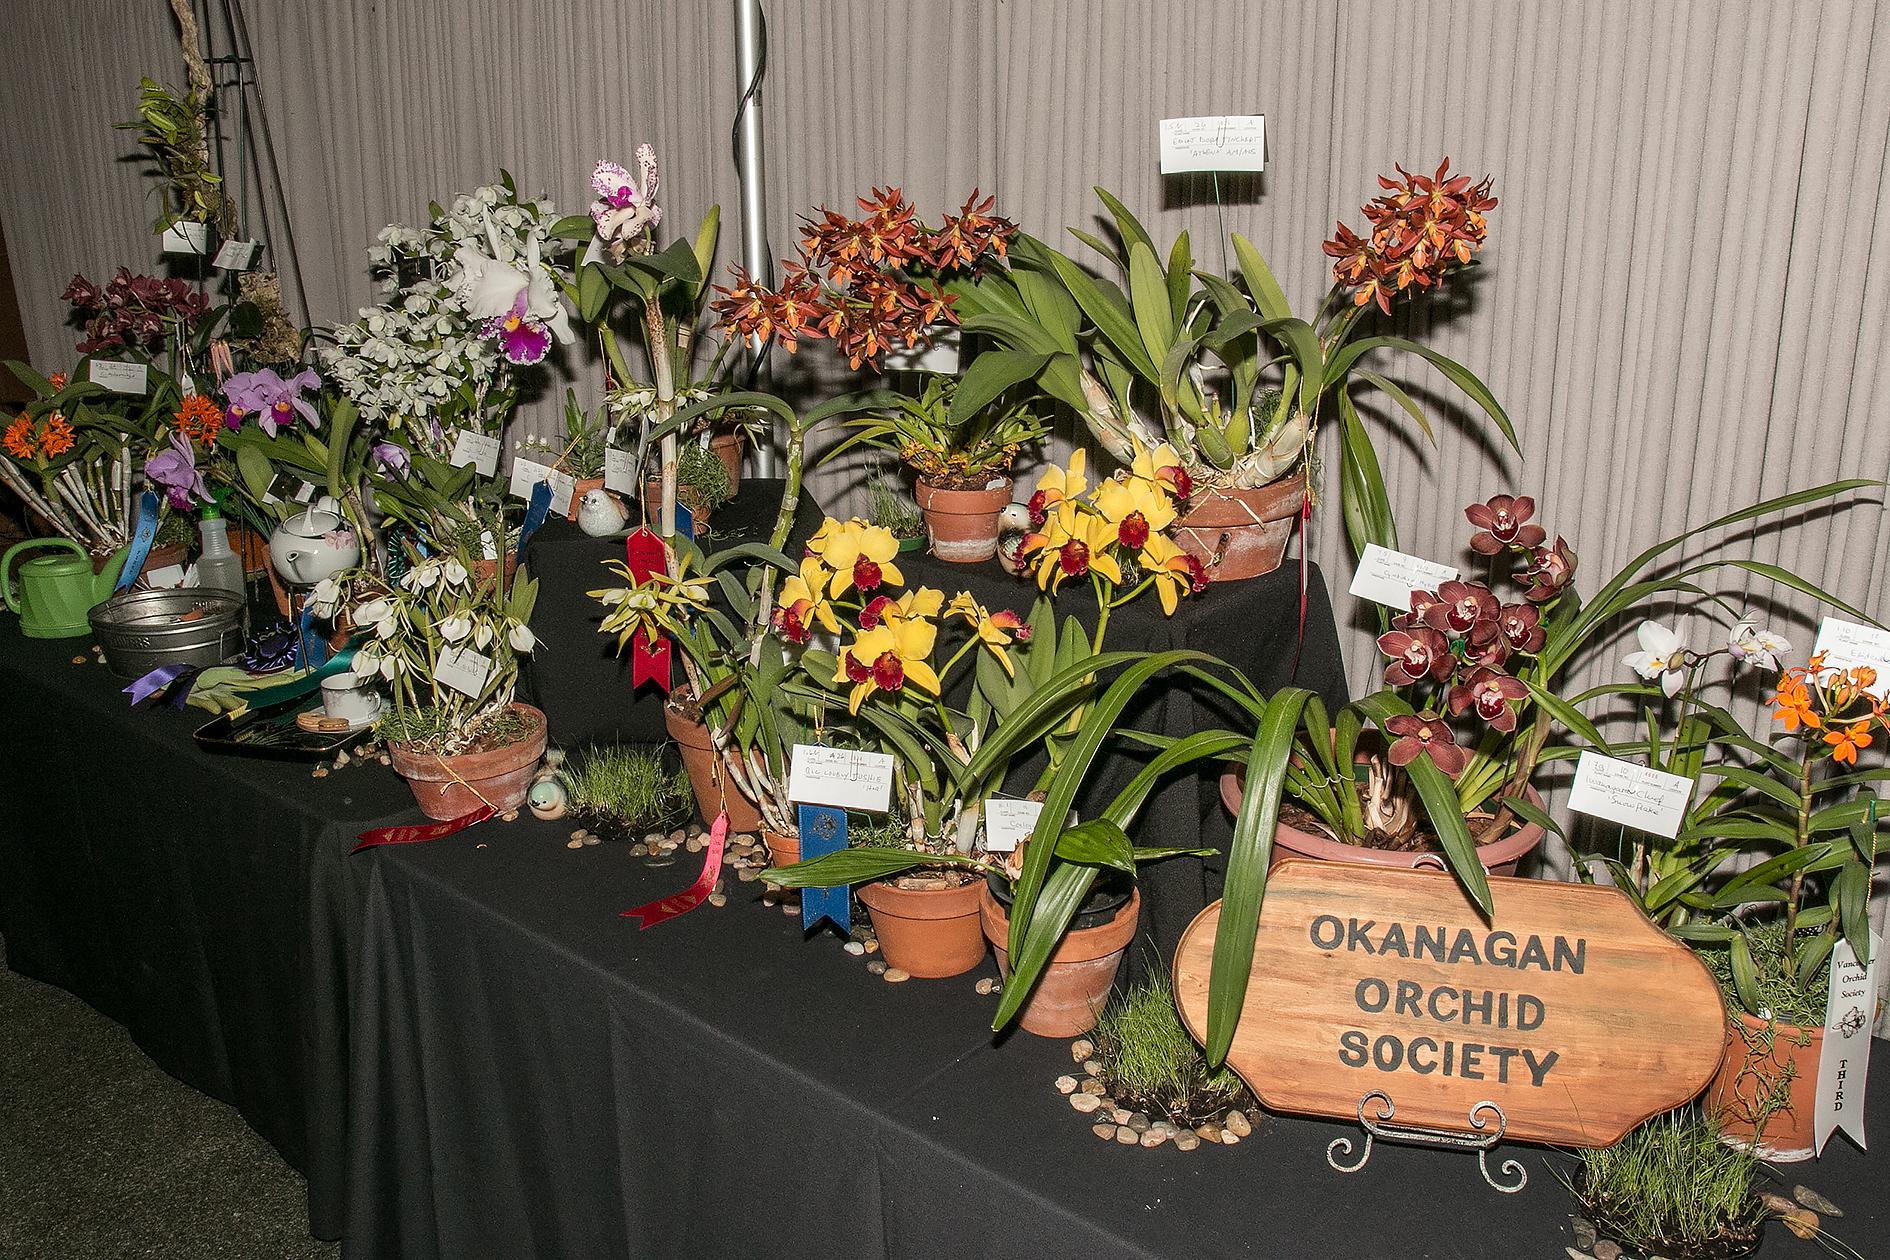 Okanagan Orchid Society display